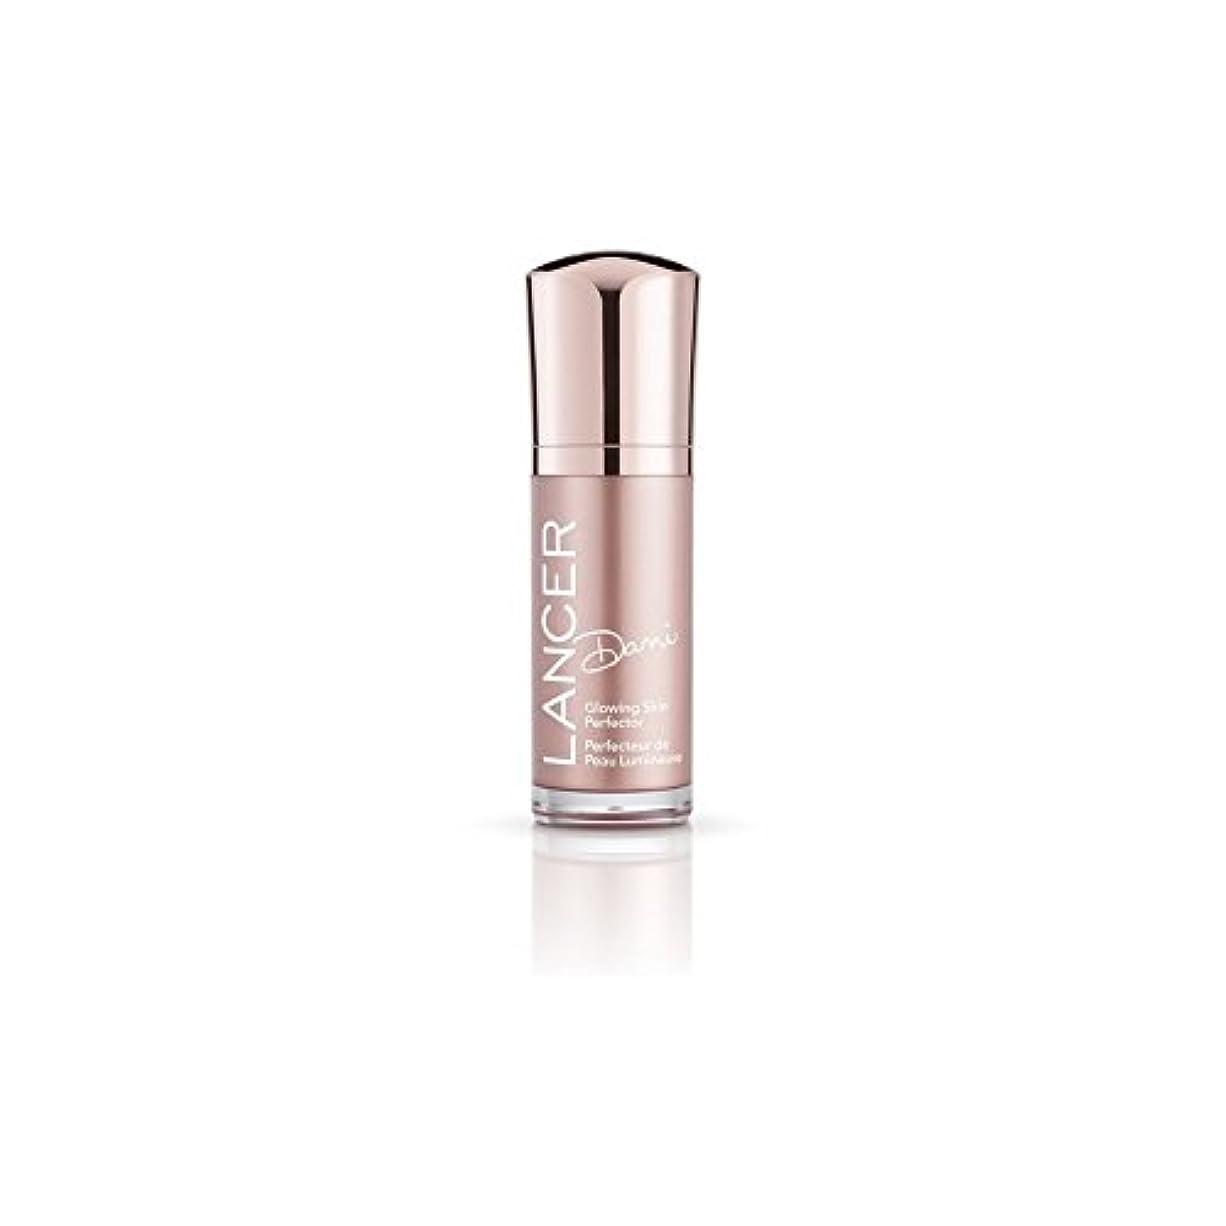 資本注釈優しさスキンパーフェク輝くランサースキンケアダニ(30ミリリットル) x4 - Lancer Skincare Dani Glowing Skin Perfector (30ml) (Pack of 4) [並行輸入品]